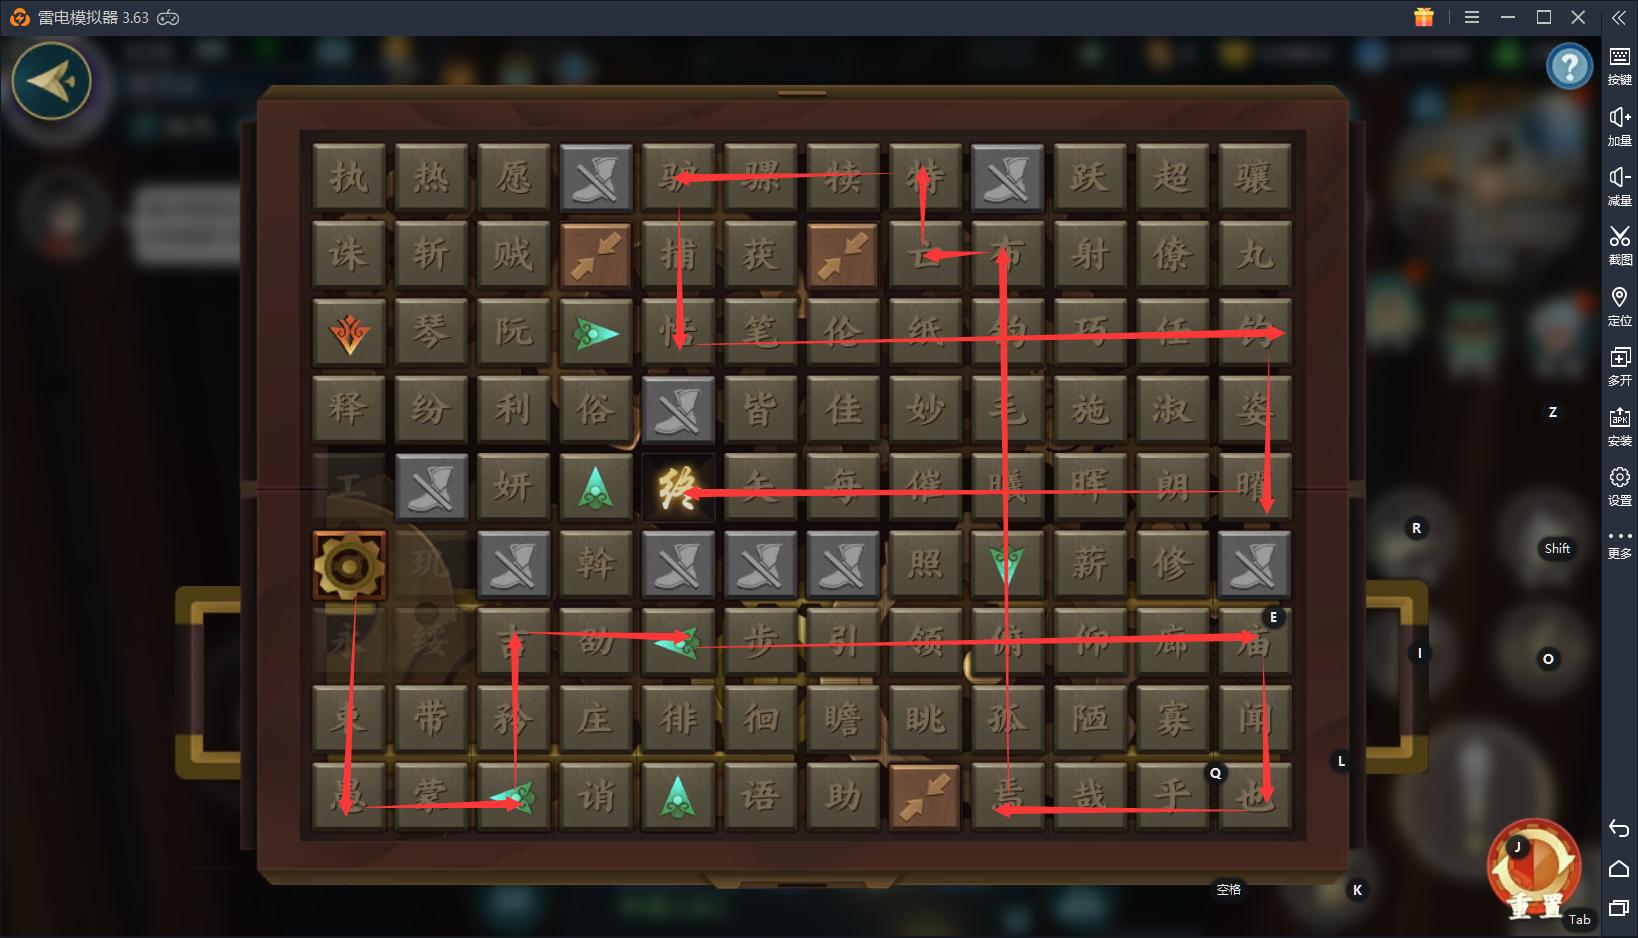 剑网3指尖江湖:天策的密室都在哪里?附密室开锁方法